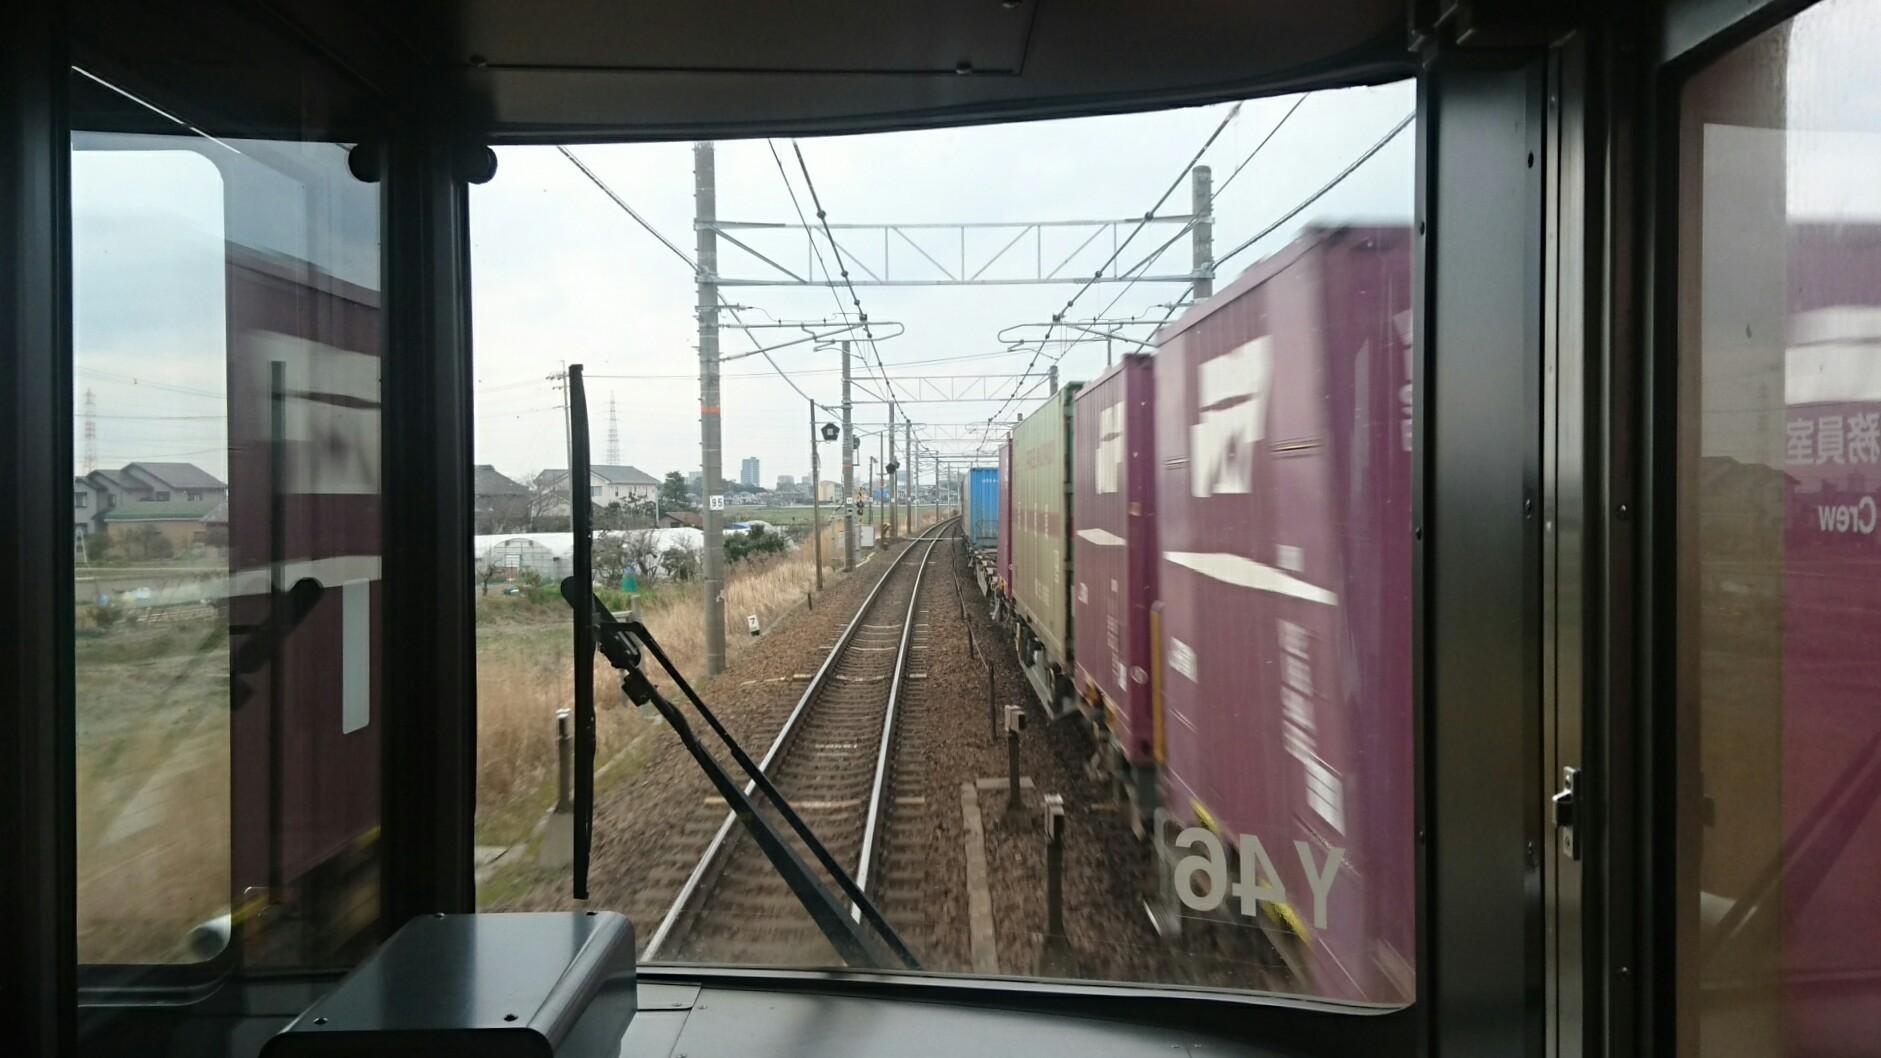 2017.3.25 東海道線 (11) 岐阜いきふつう - 西岡崎-あんじょう間(貨物列車) 1920-1080